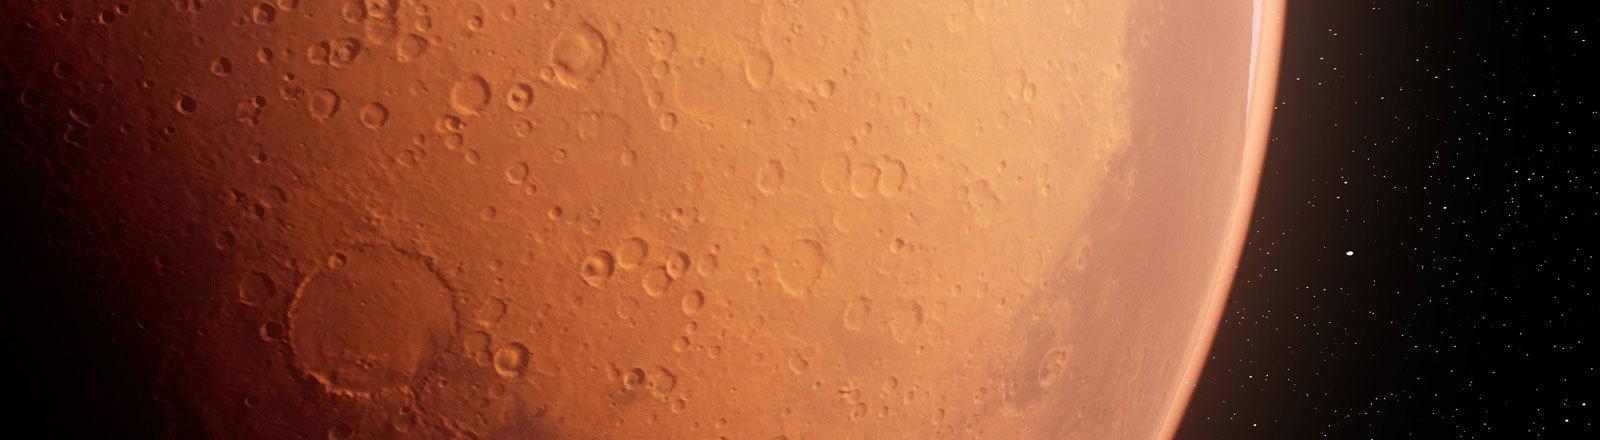 Der Planet Mars.